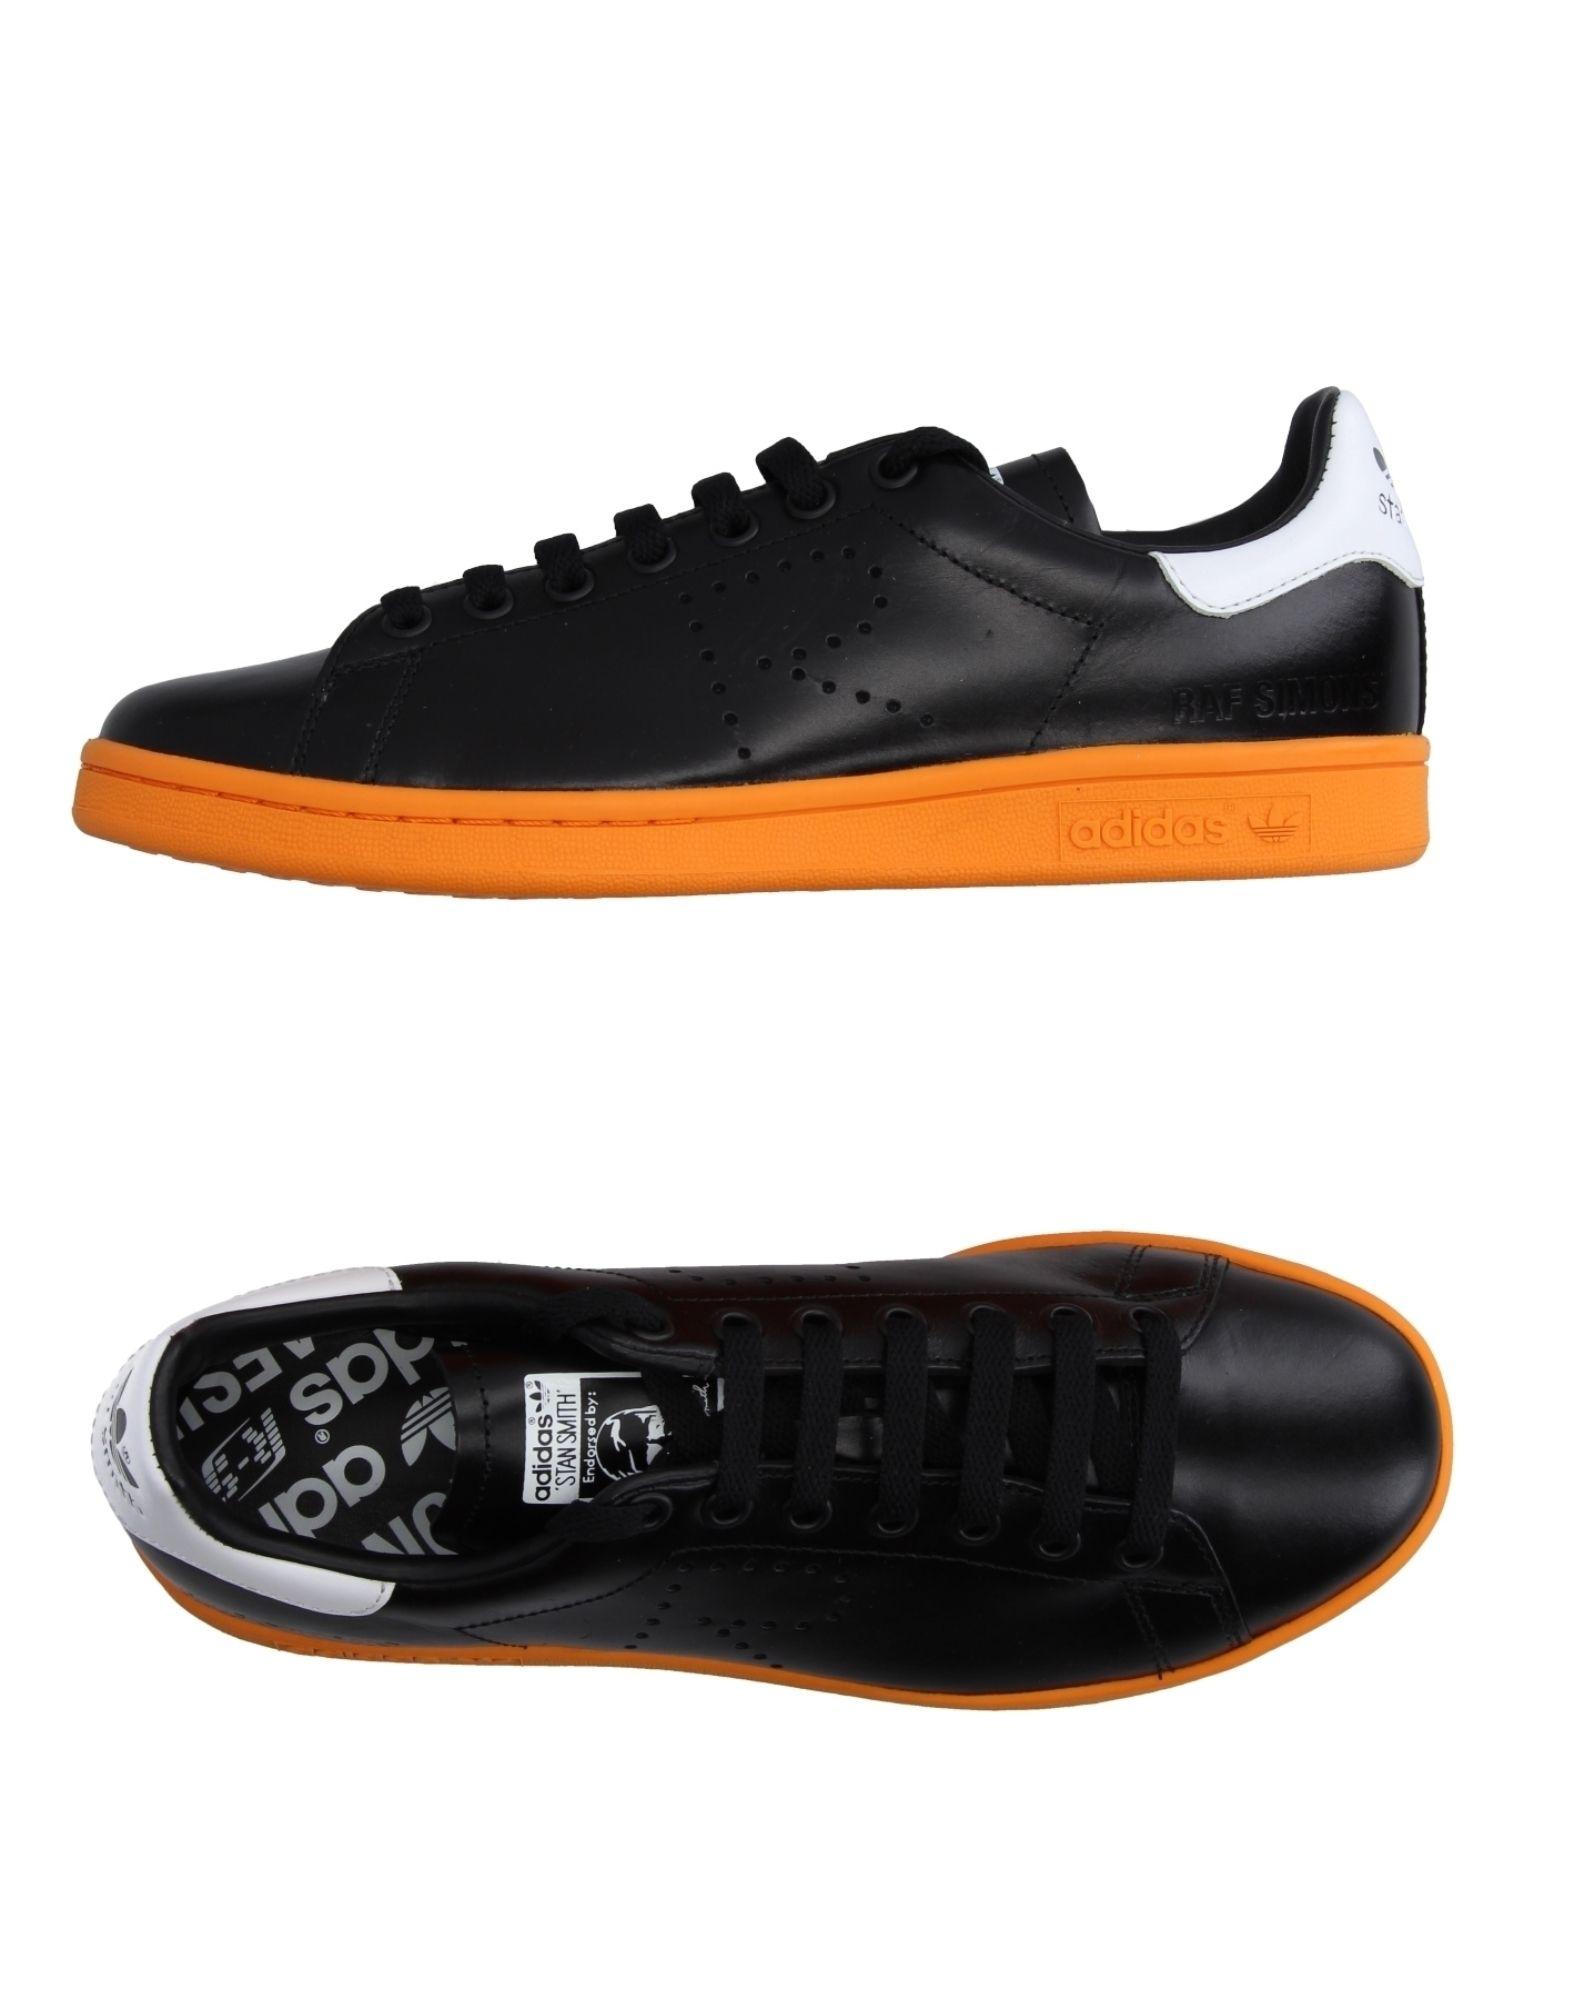 Adidas By Raf Qualität Simons Sneakers Herren  11204922PL Gute Qualität Raf beliebte Schuhe 3183f0